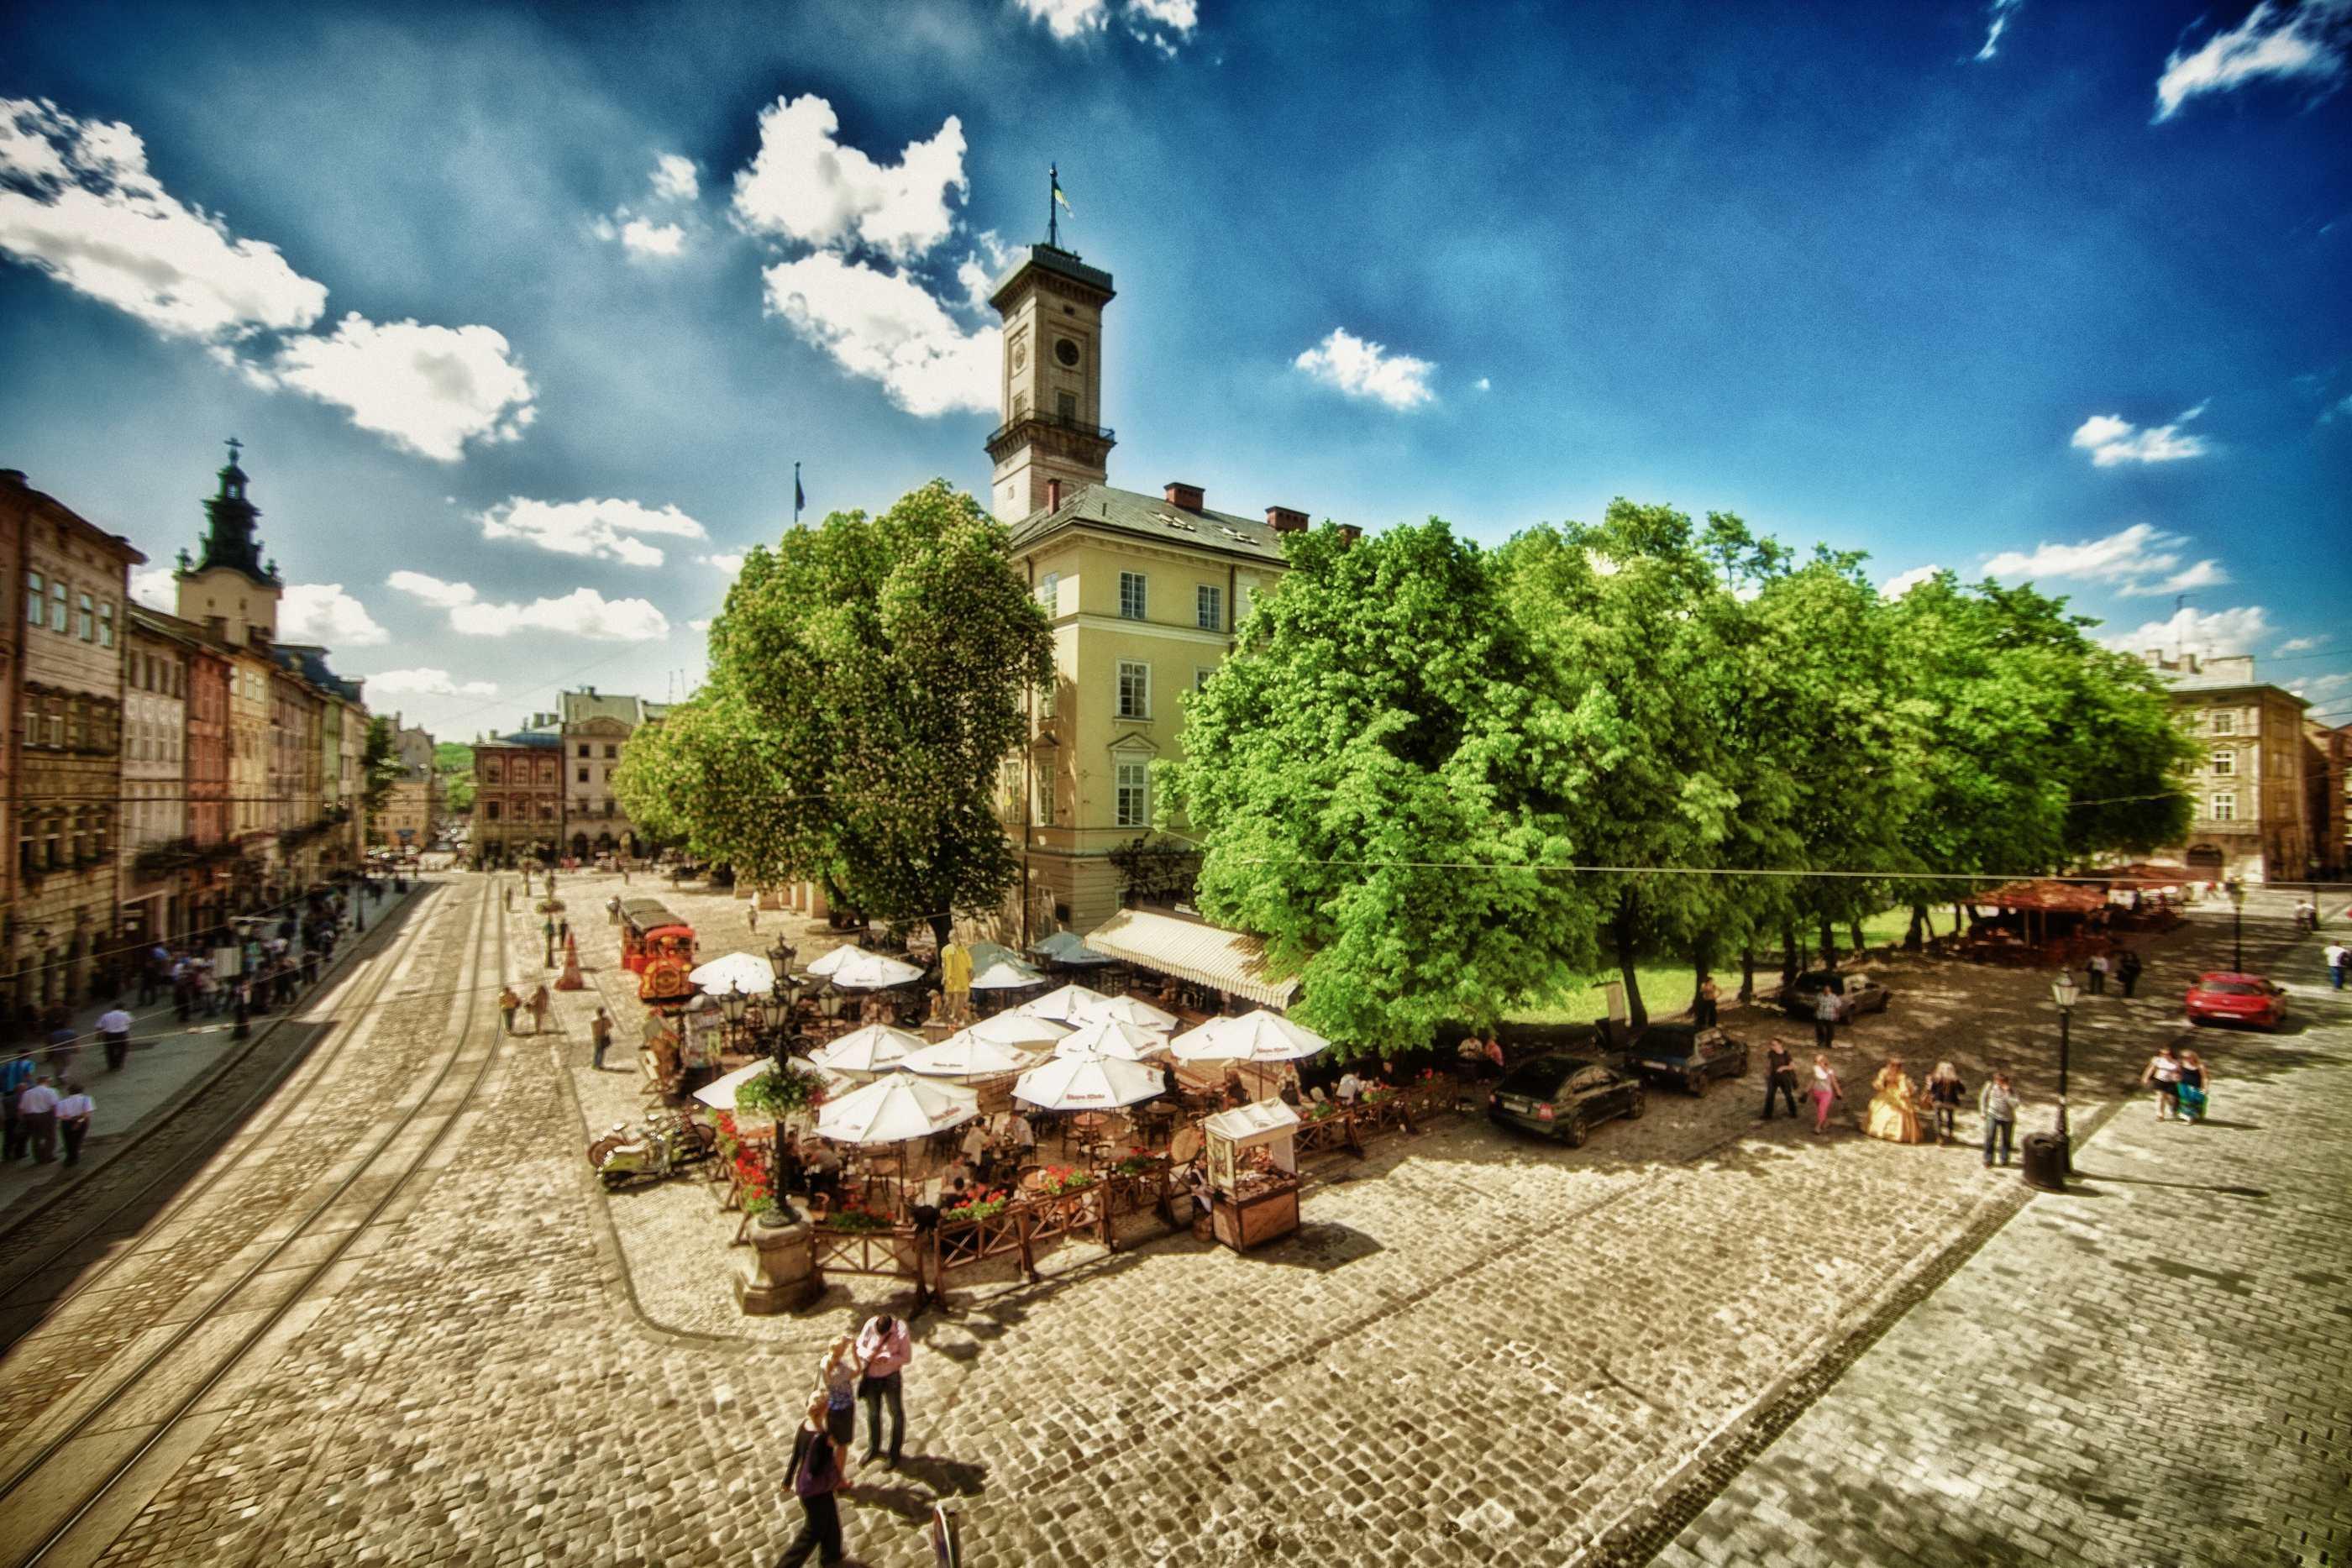 Обзорная экскурсия по Львову, площадь Рынок